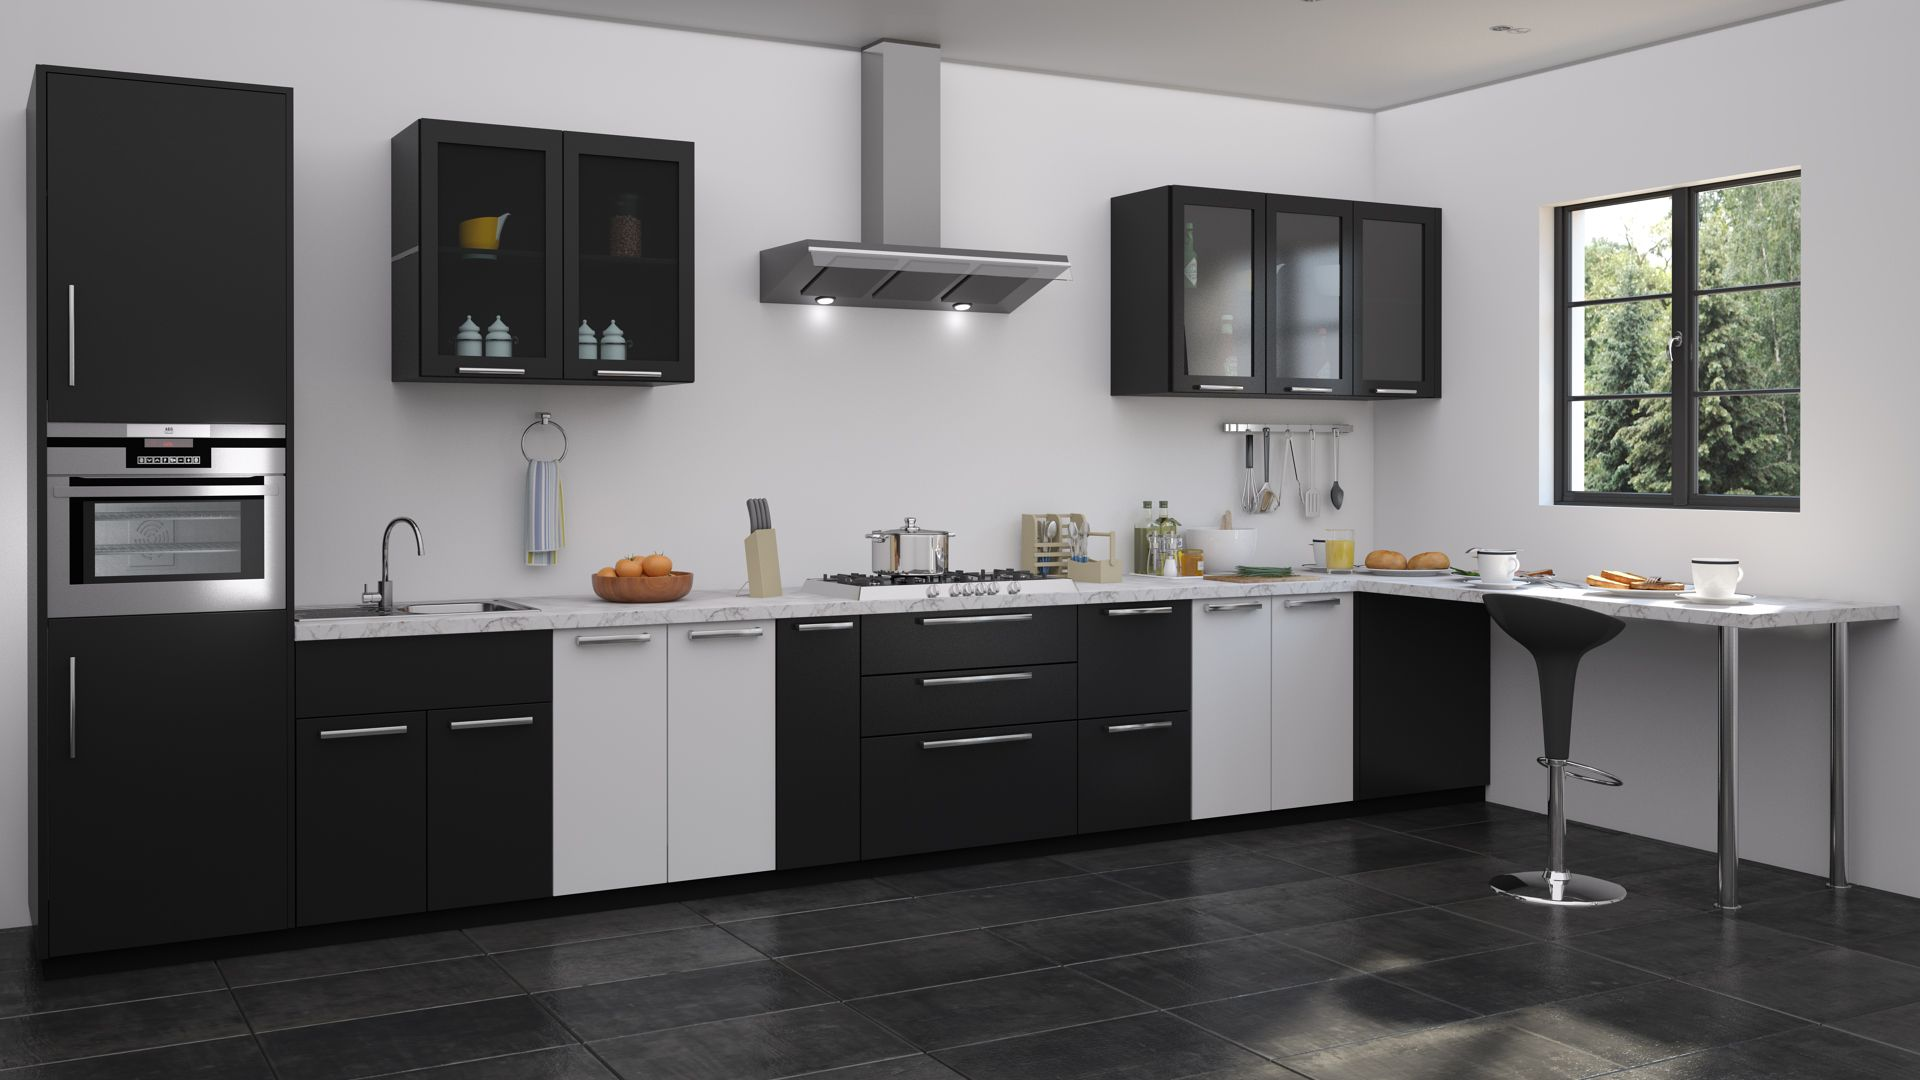 Black And White Kitchen Design Kitchen Design Color Modern Kitchen Storage Modular Kitchen Cabinets